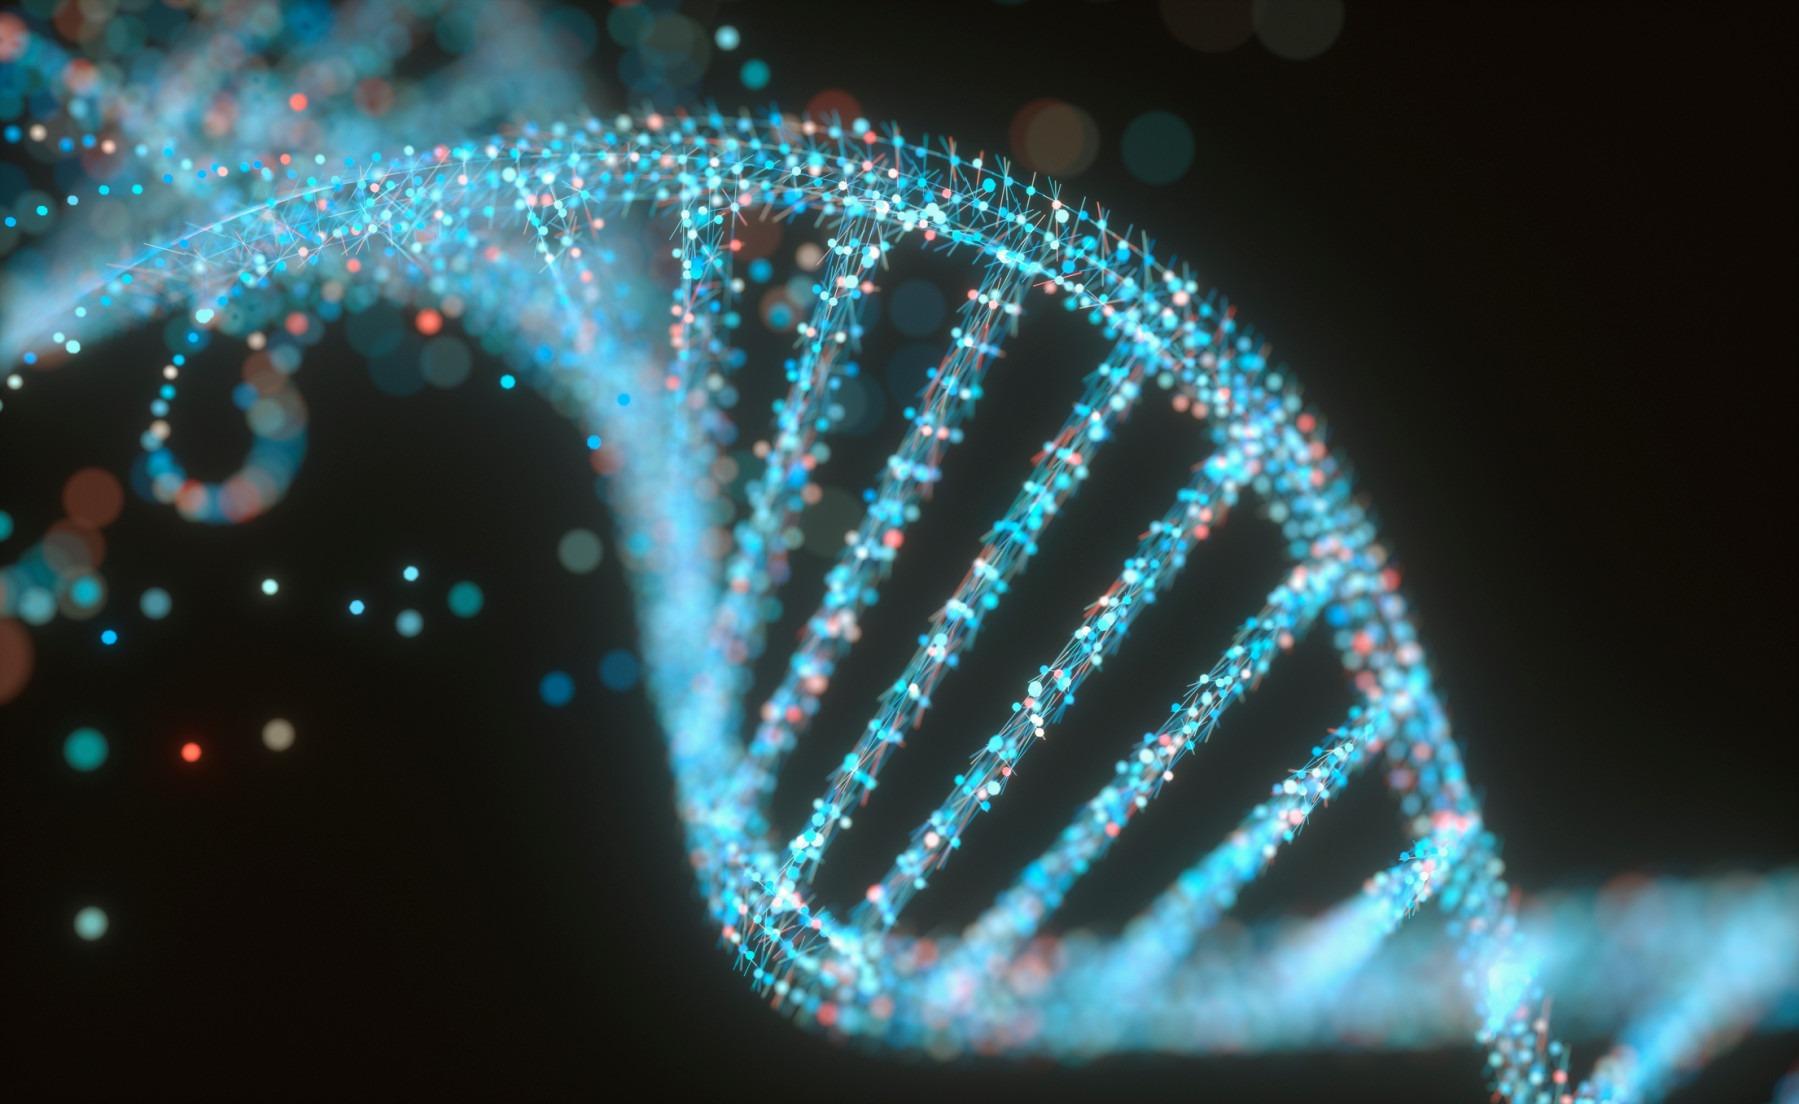 BioRxiv: Биологи в почве нашли фрагменты ДНК неизвестной природы